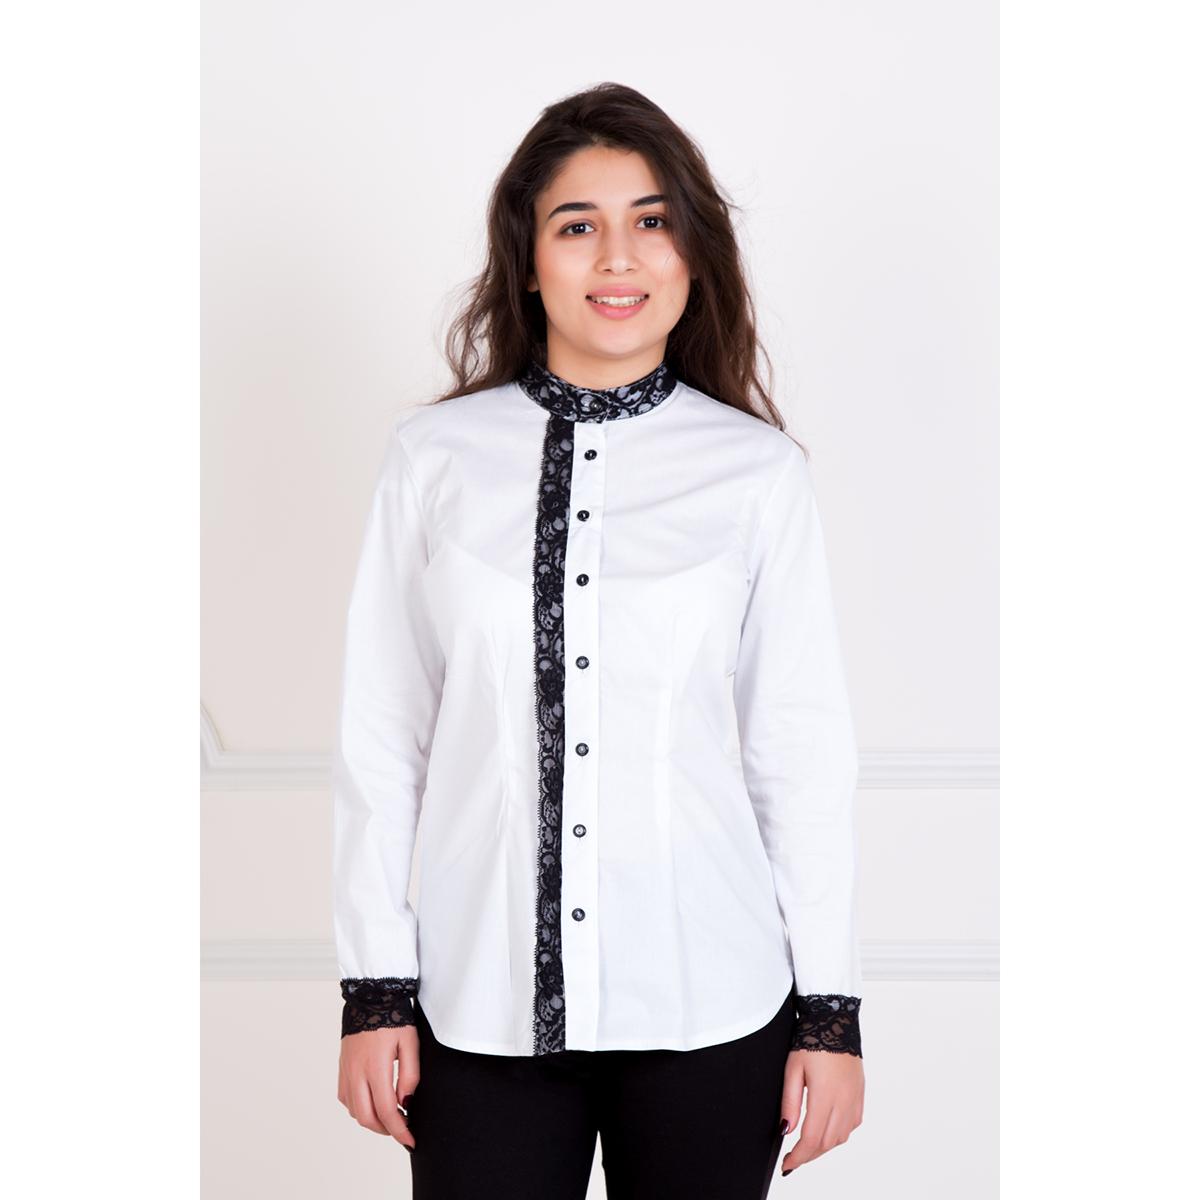 Женская рубашка  Владлена , размер 50 - Женская одежда артикул: 15151